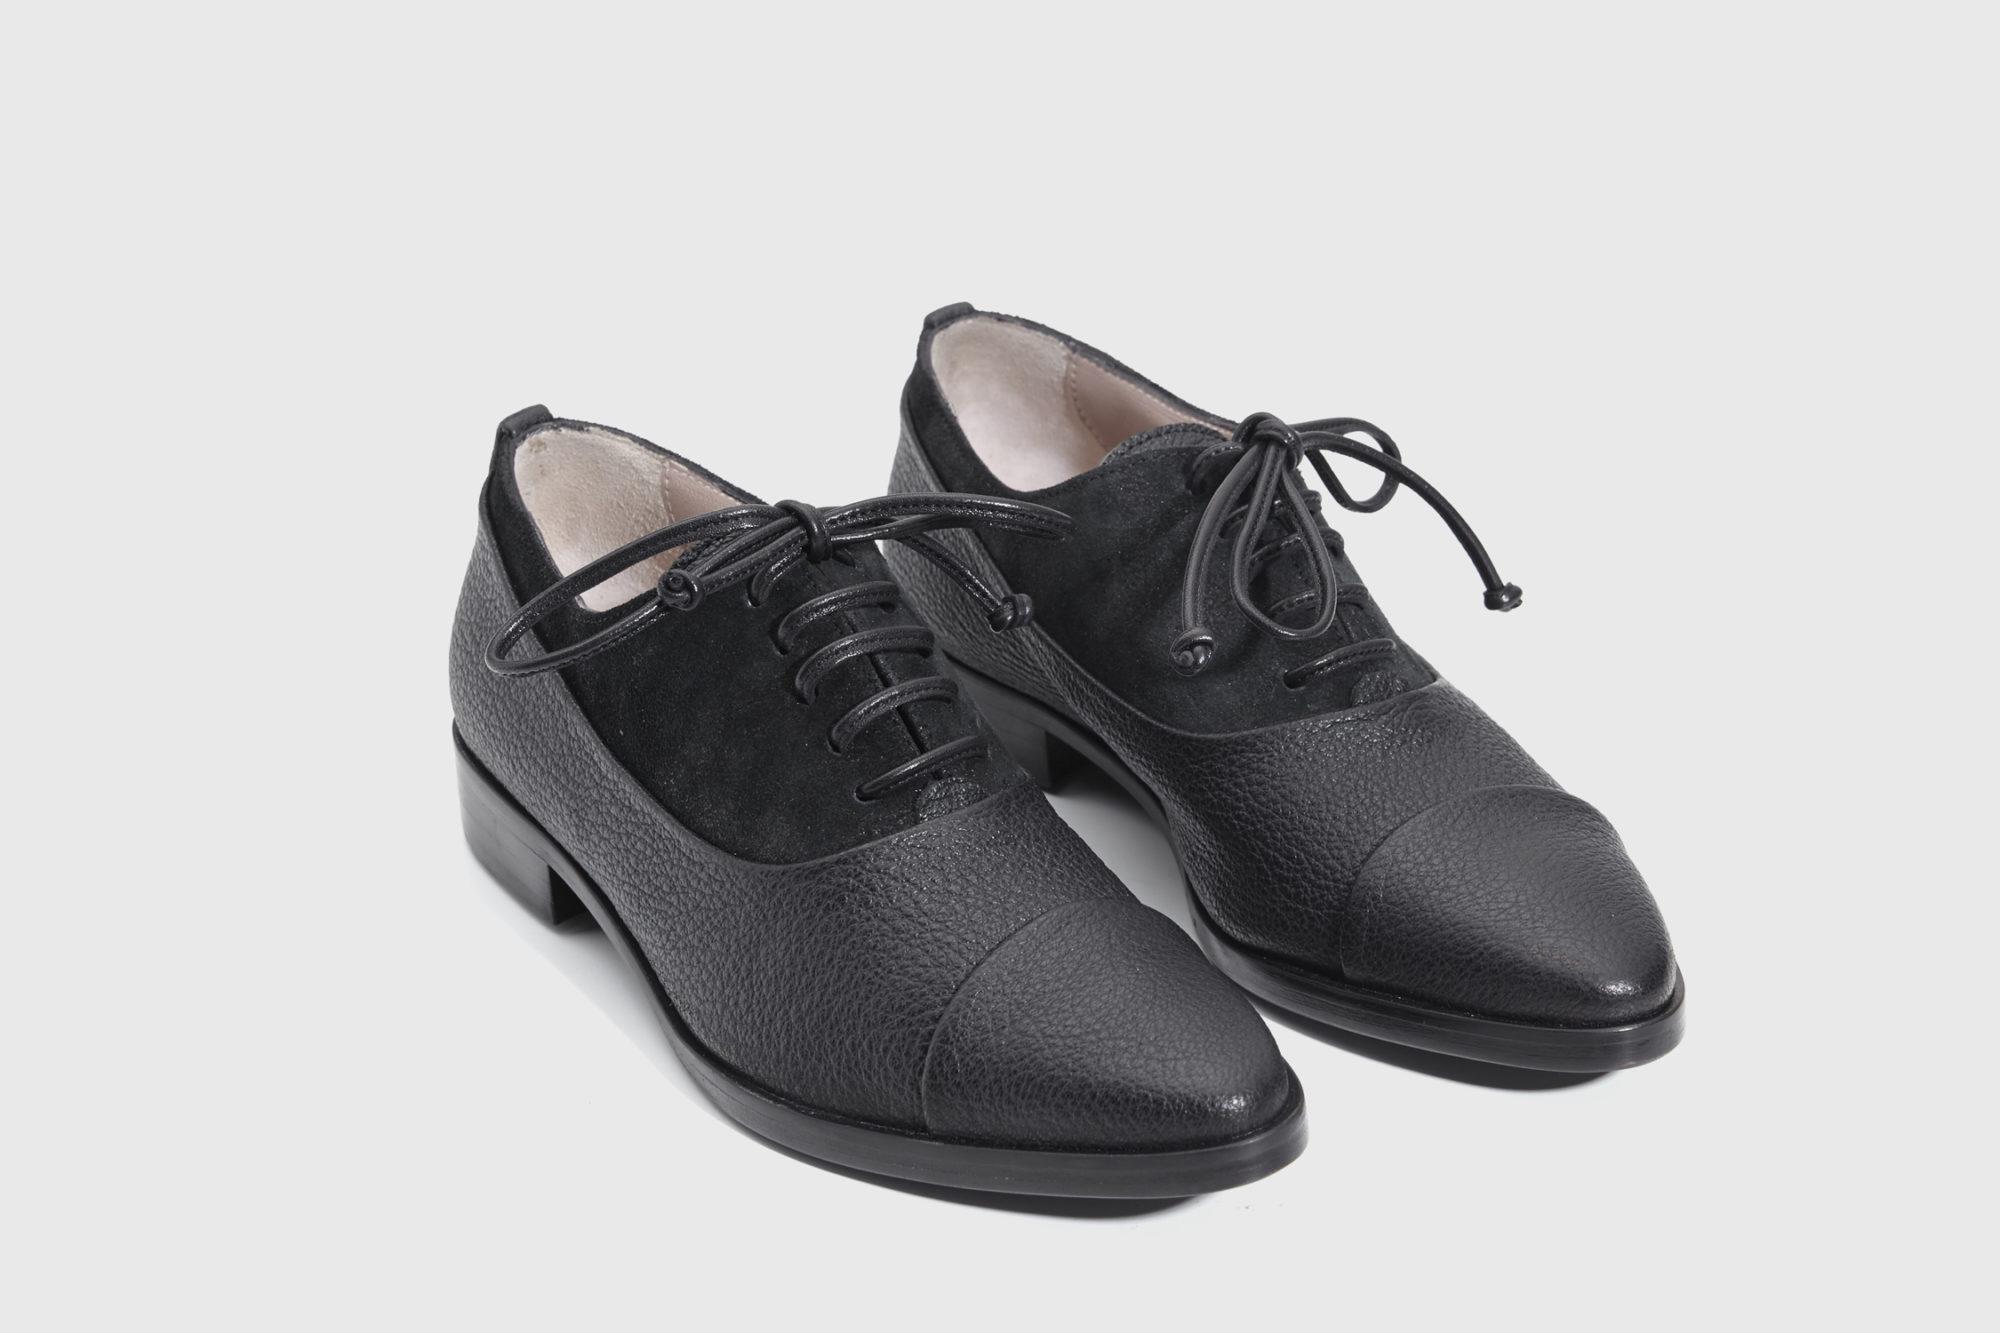 Dorotea zapato de cordones Billie negro fw17 par